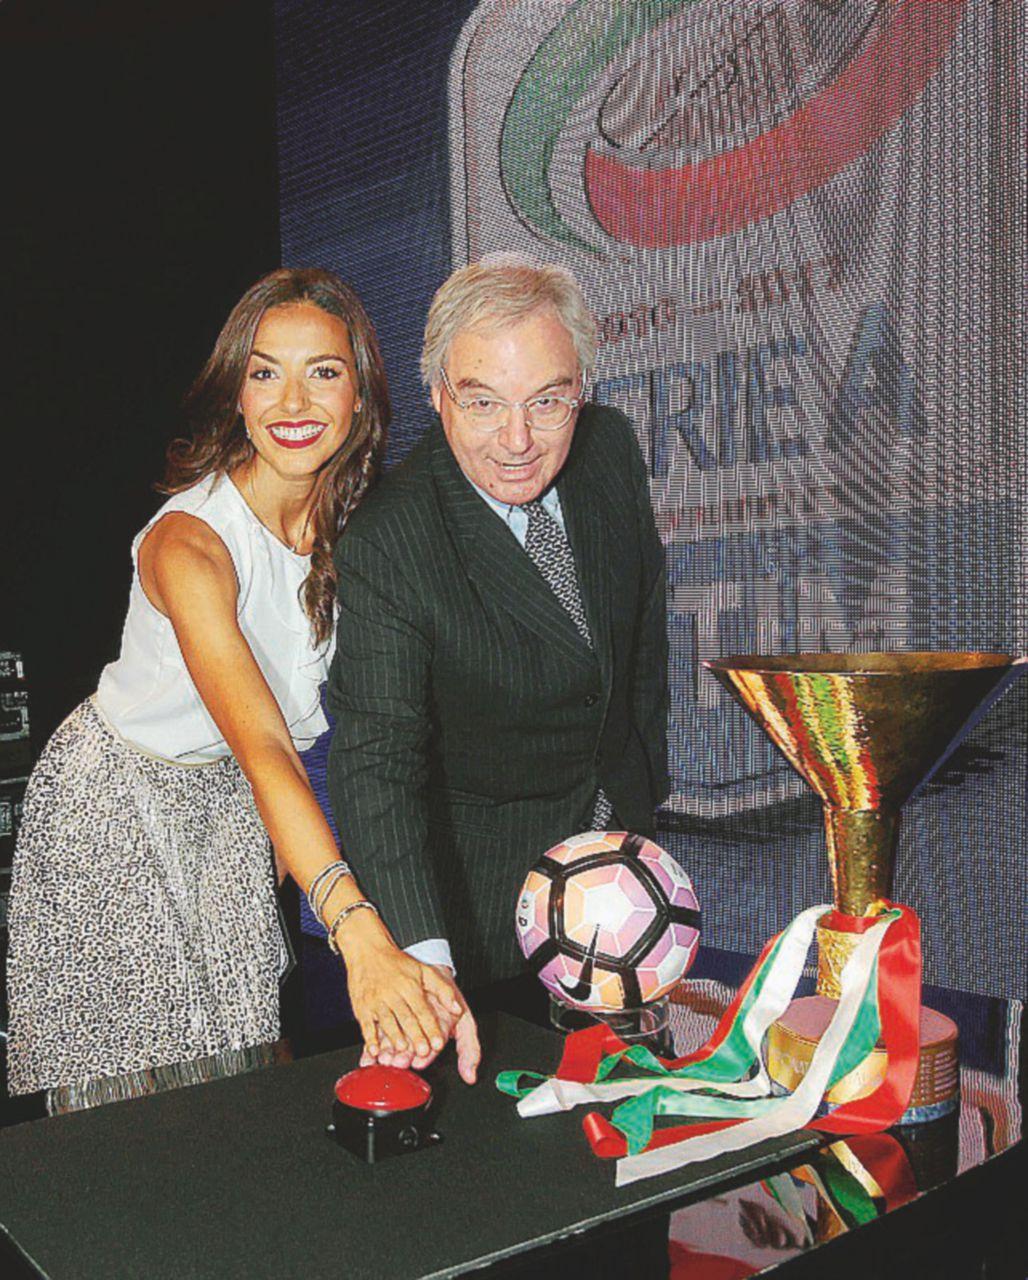 Serie A, il calendario: Higuain e Pjanić a Napoli e Roma protetti da una gabbia